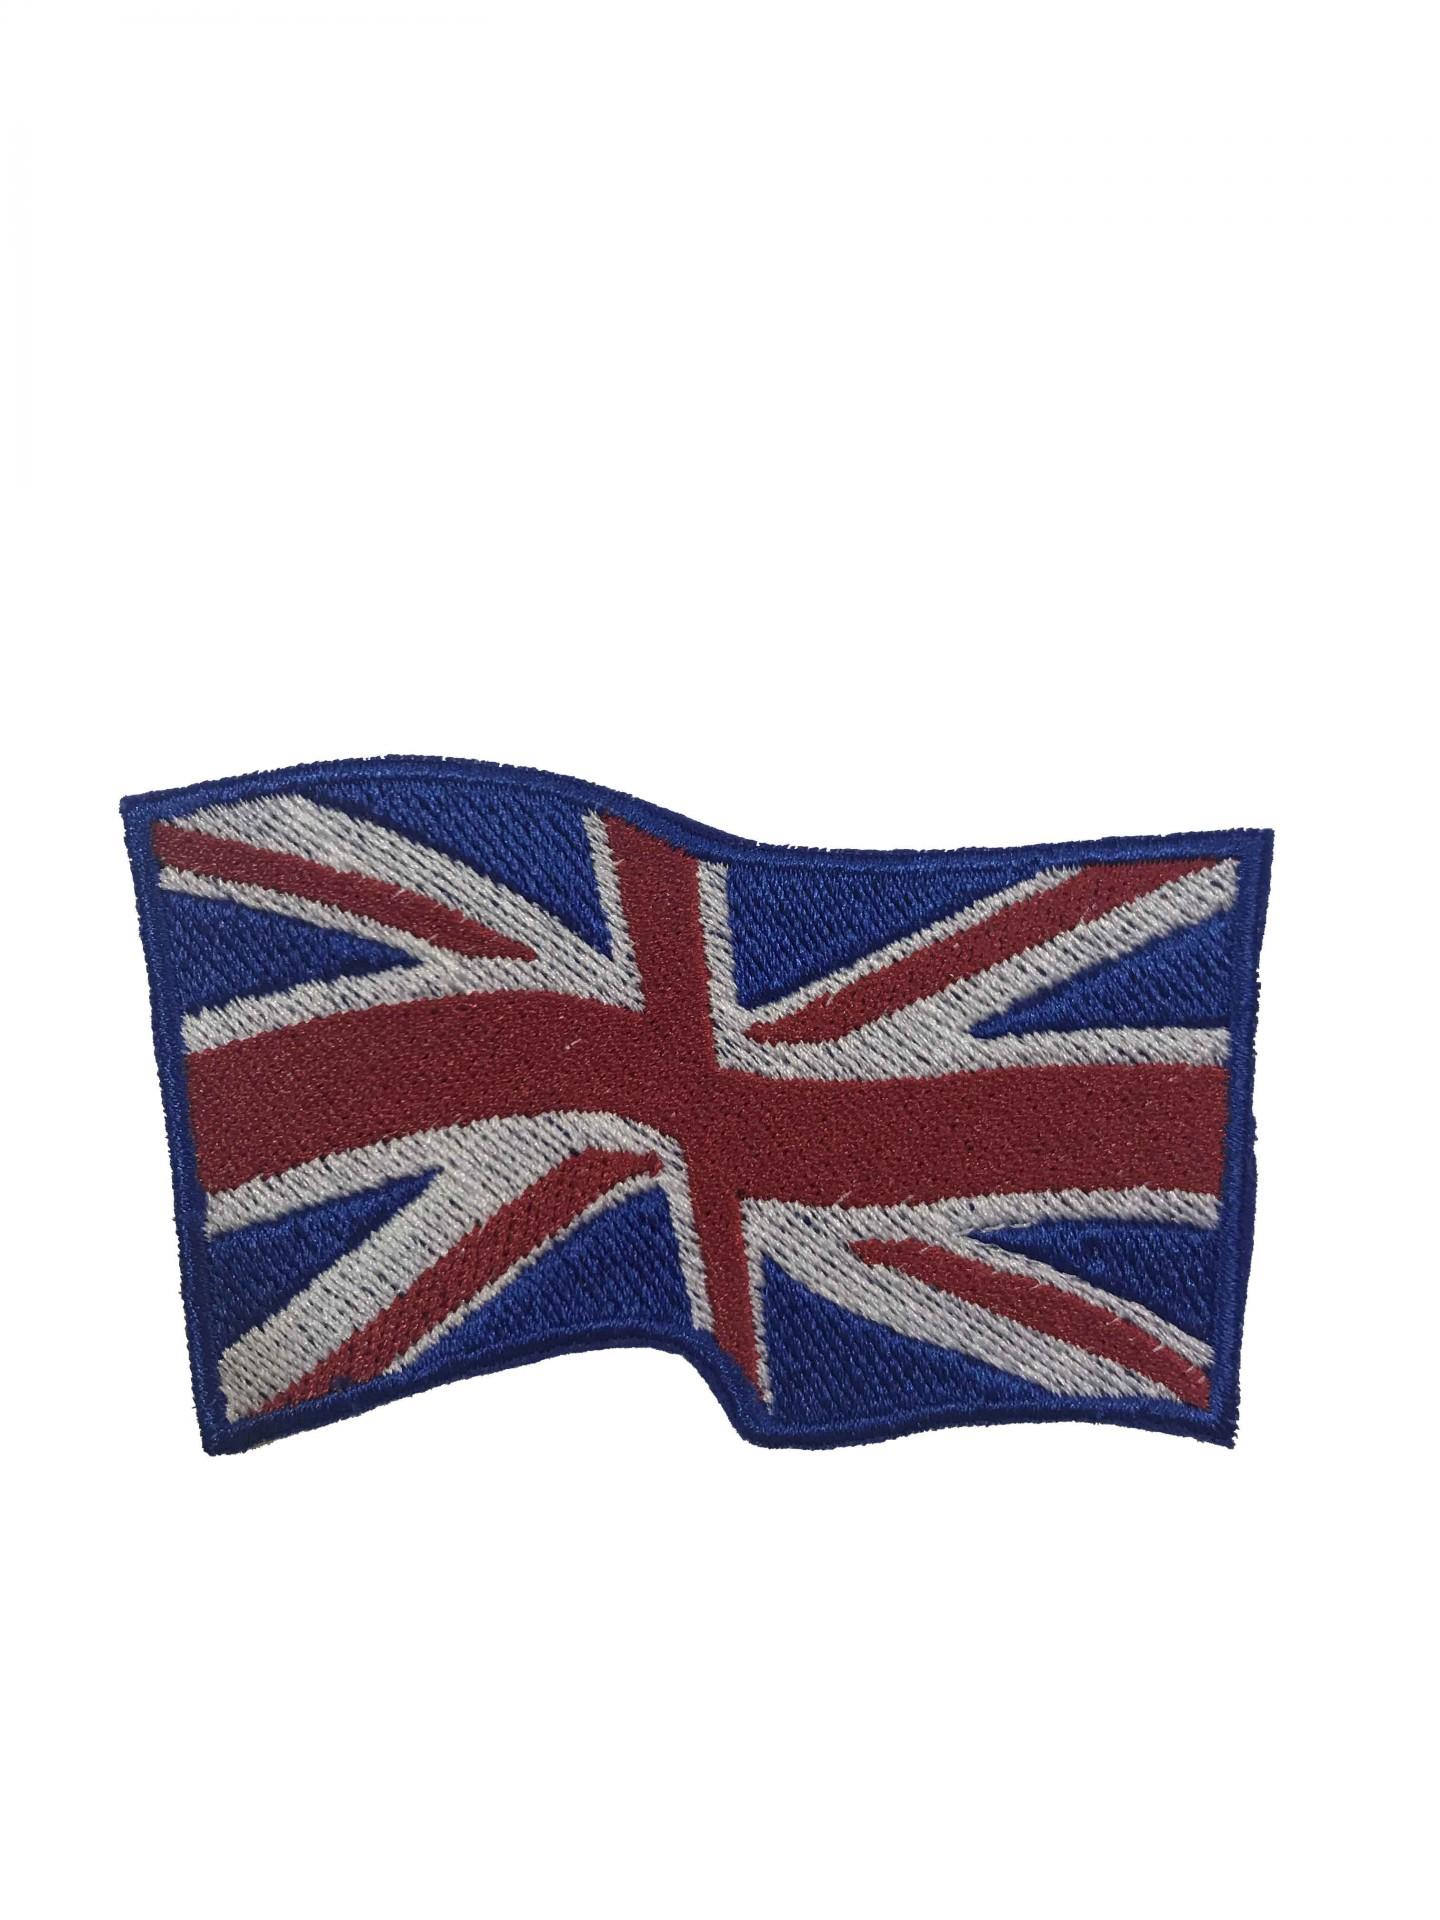 Emblema Reino Unido